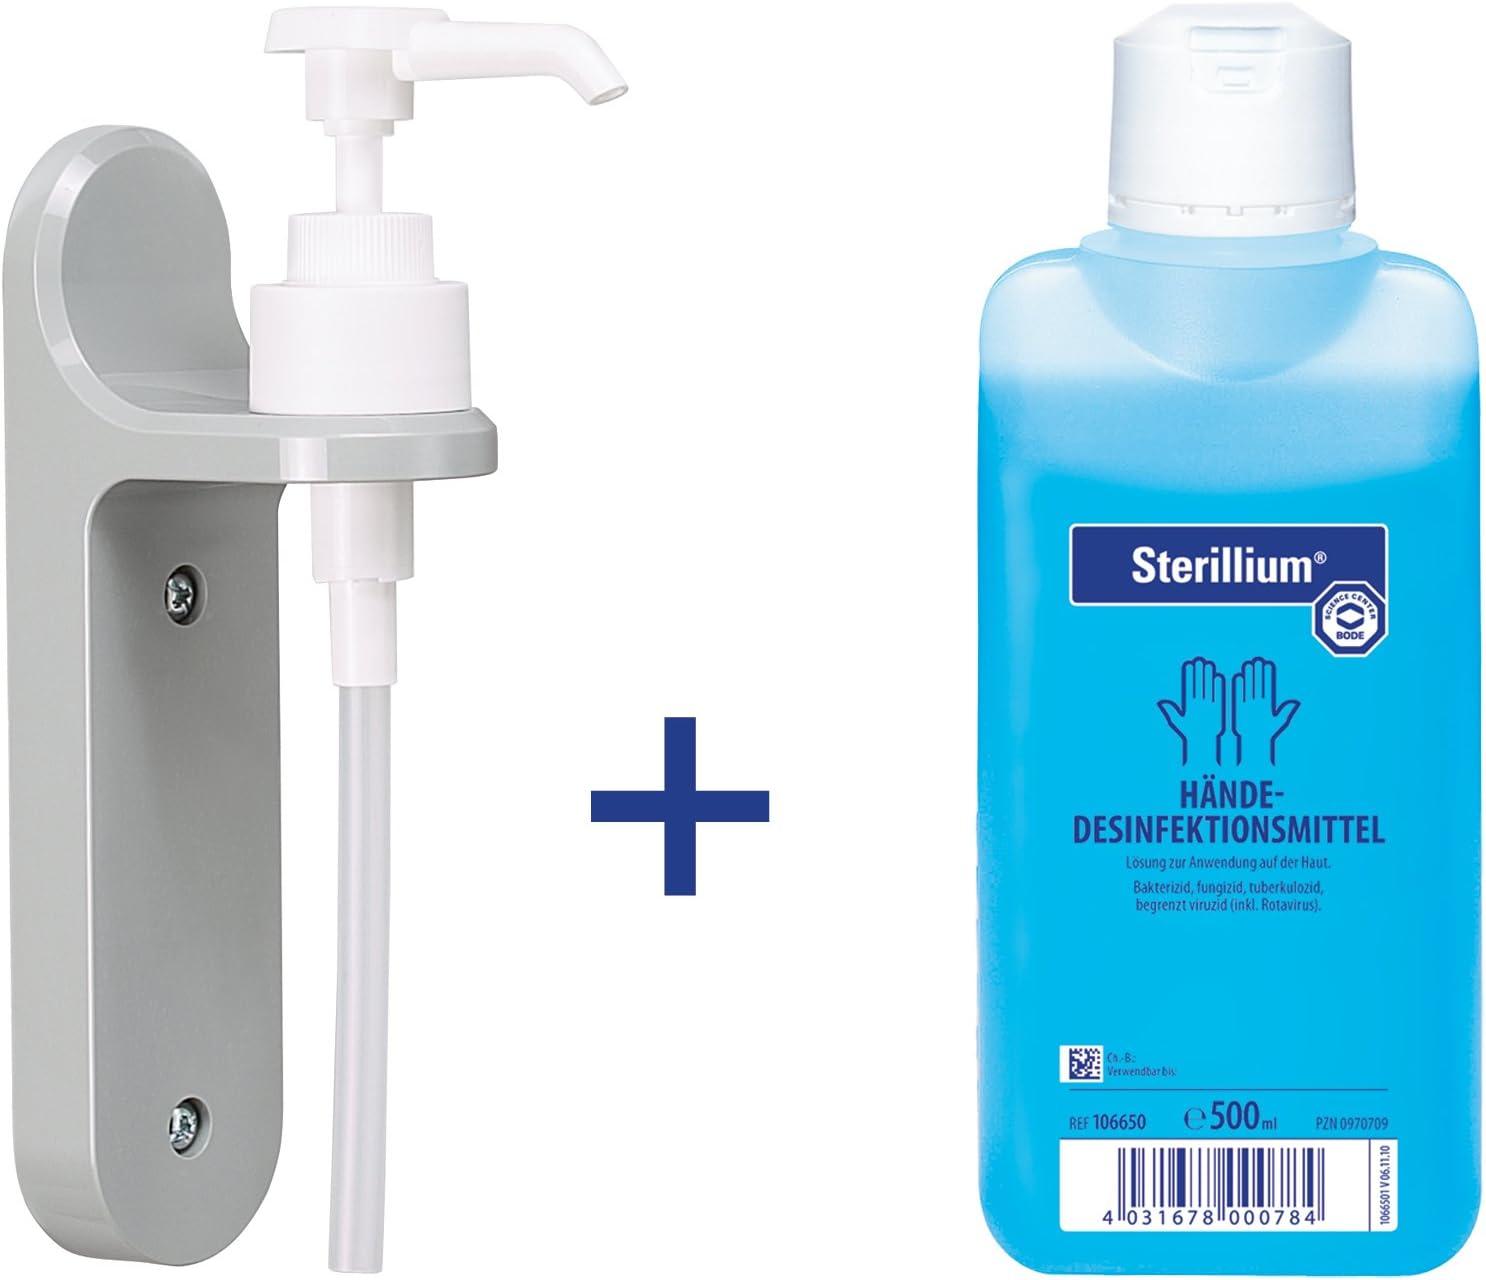 Handedesinfektion Sterillium 500 Ml Und Eine Wandhalterung Mit